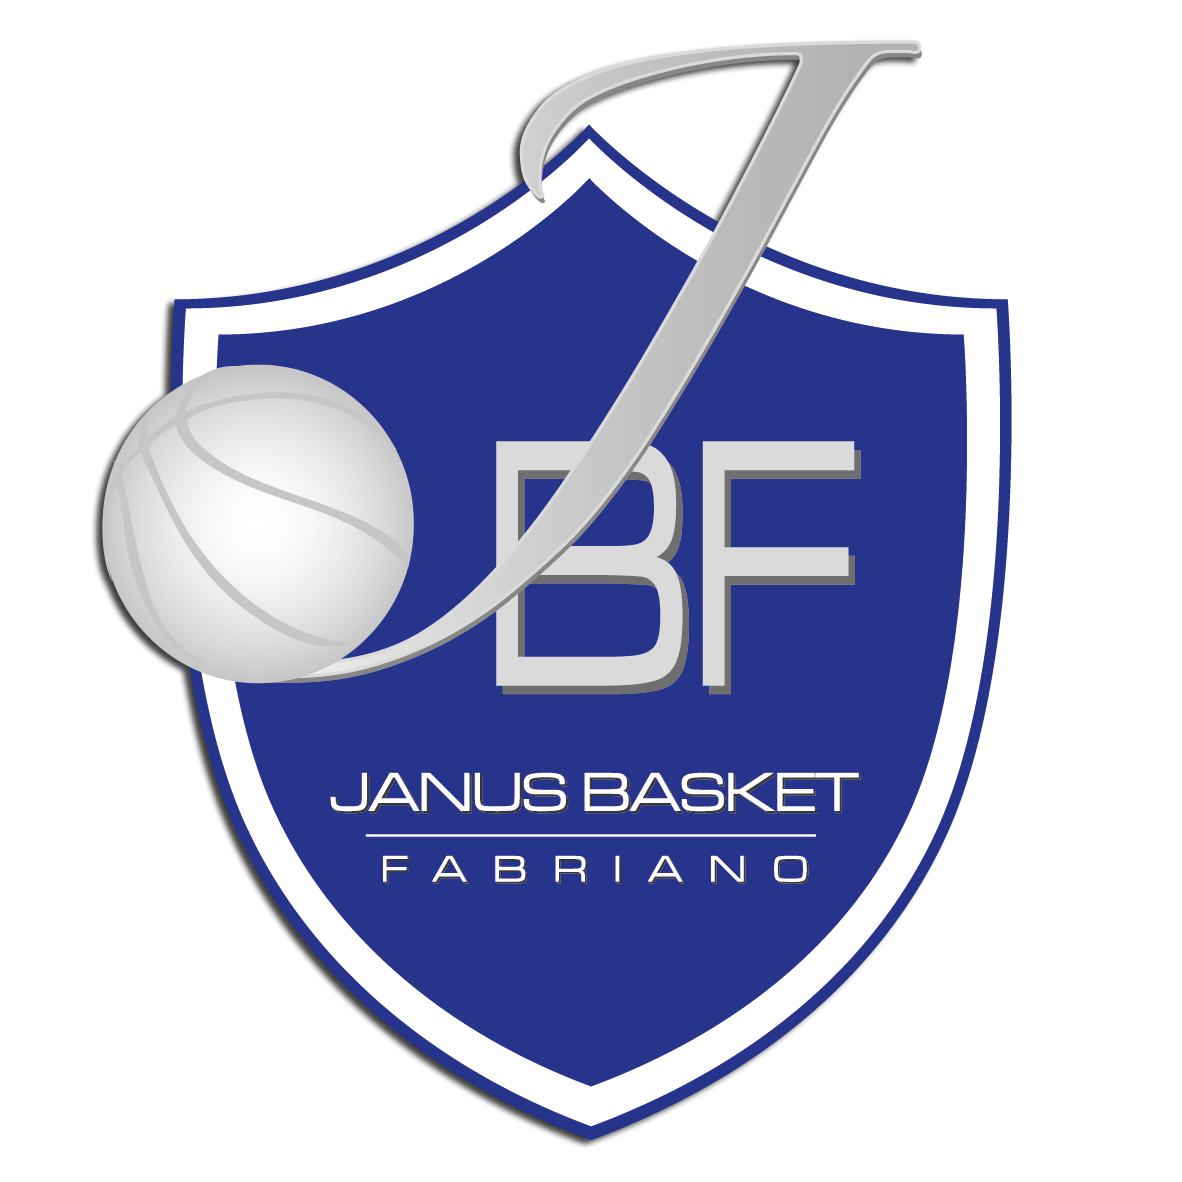 Janus Basket Fabriano